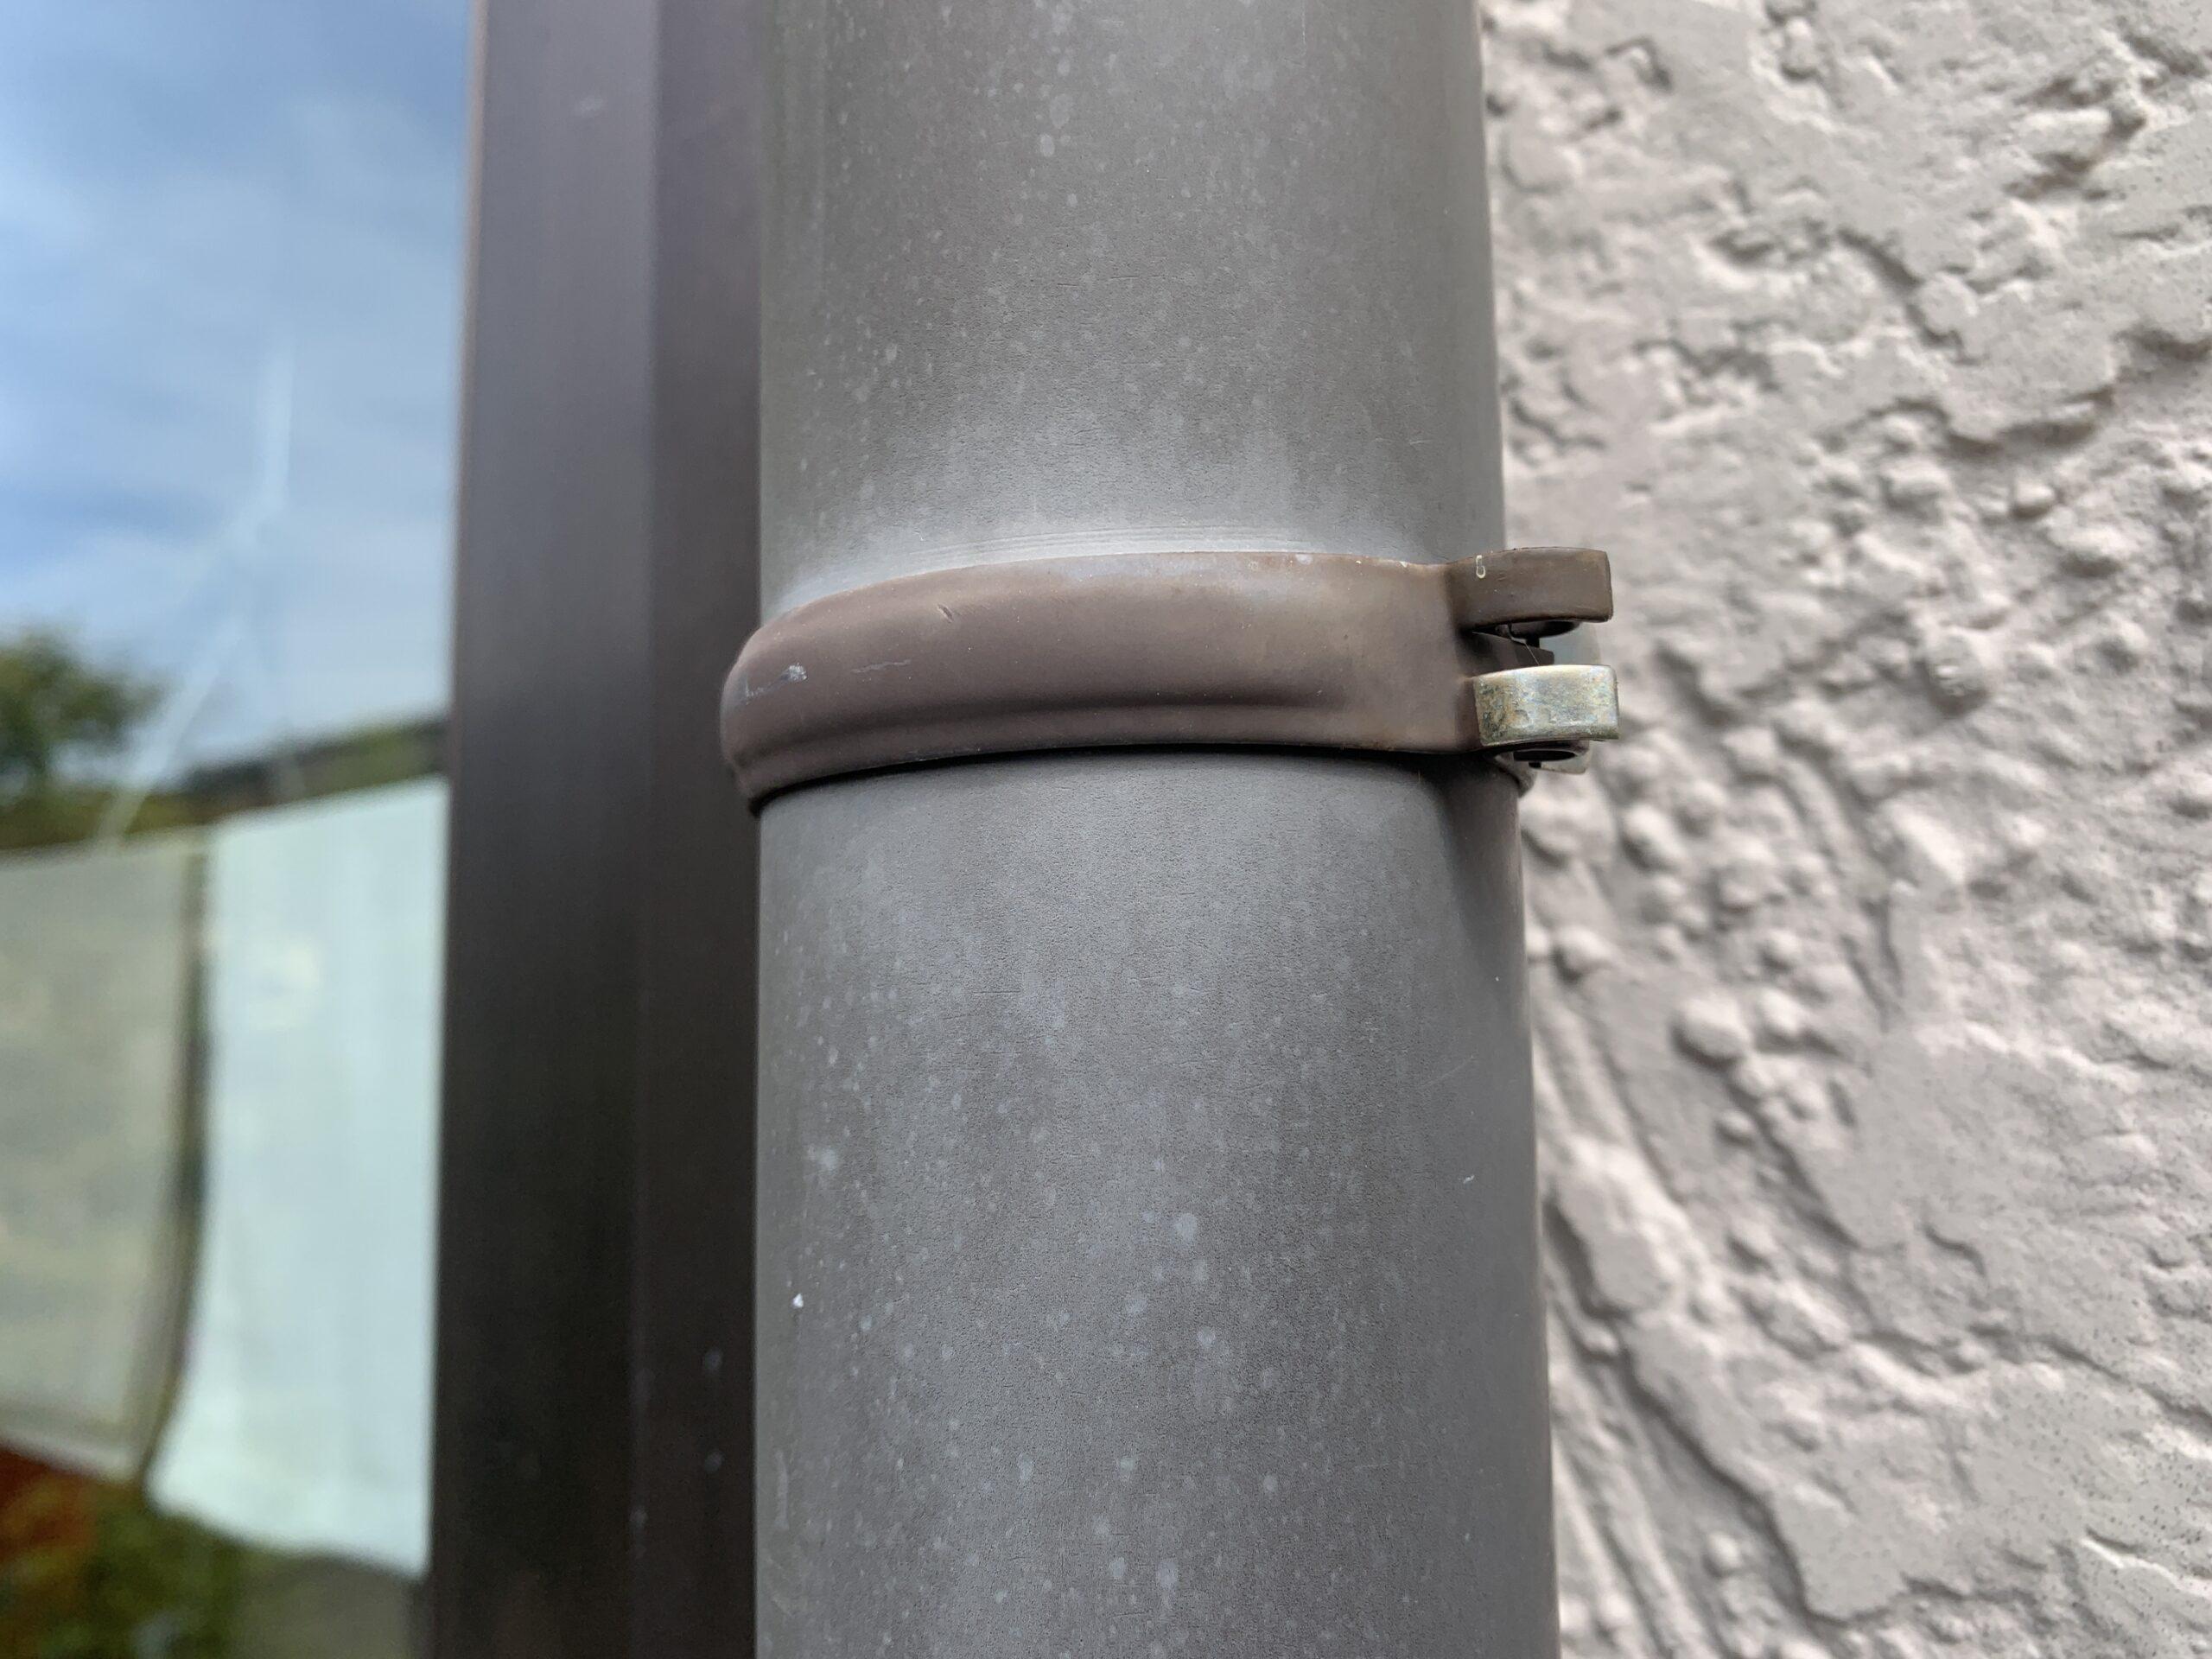 佐賀市 塗るばい サニケン さにけん 外壁塗装 外壁 塗装 施工日記 雨樋